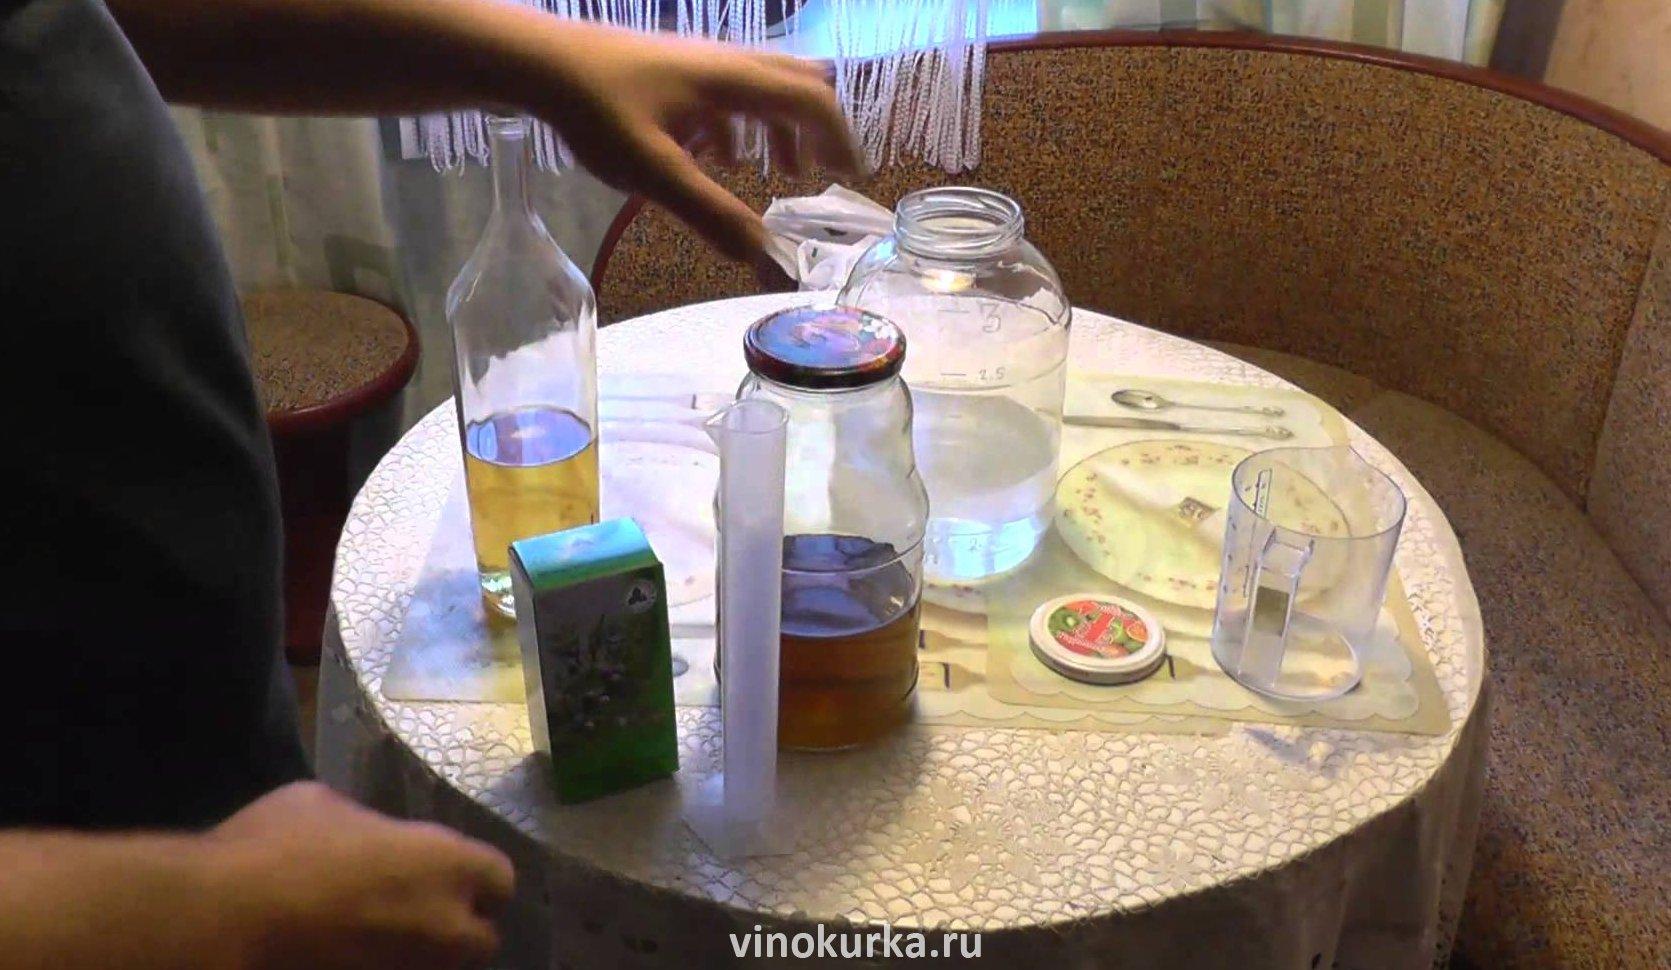 Как сделать пищевой спирт в домашних условиях